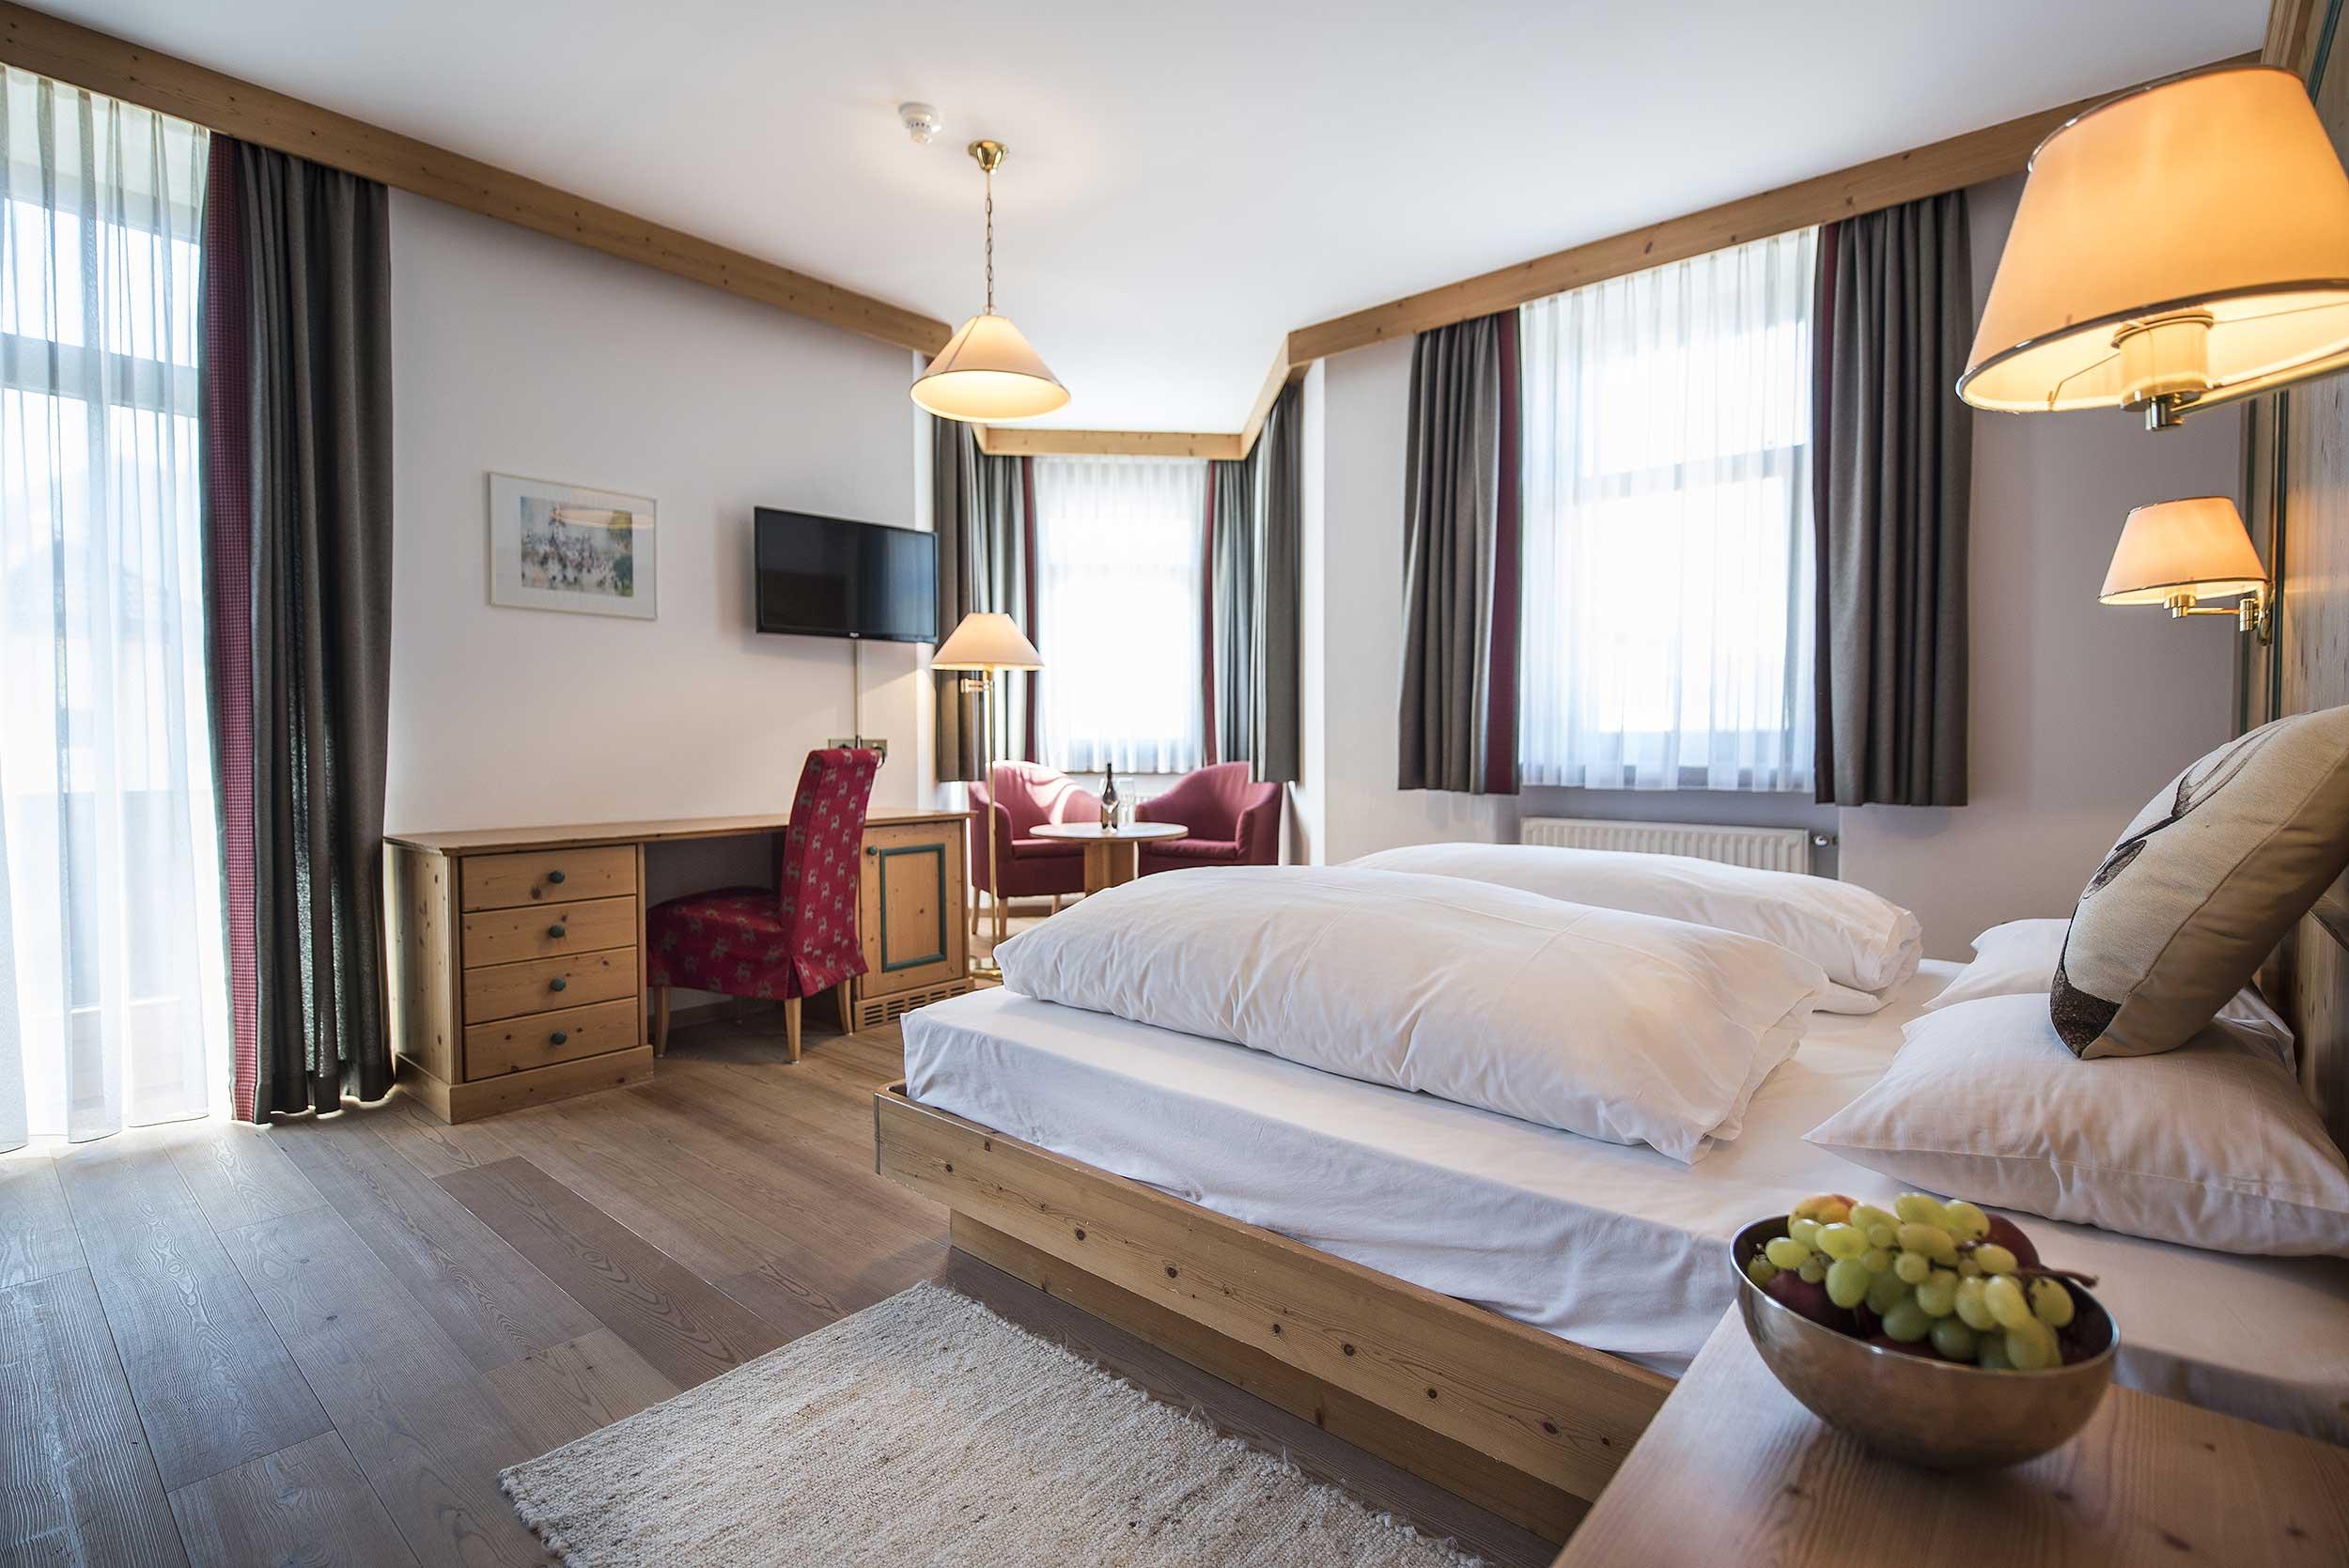 Hotel Cristaluite cristallino2-haupt